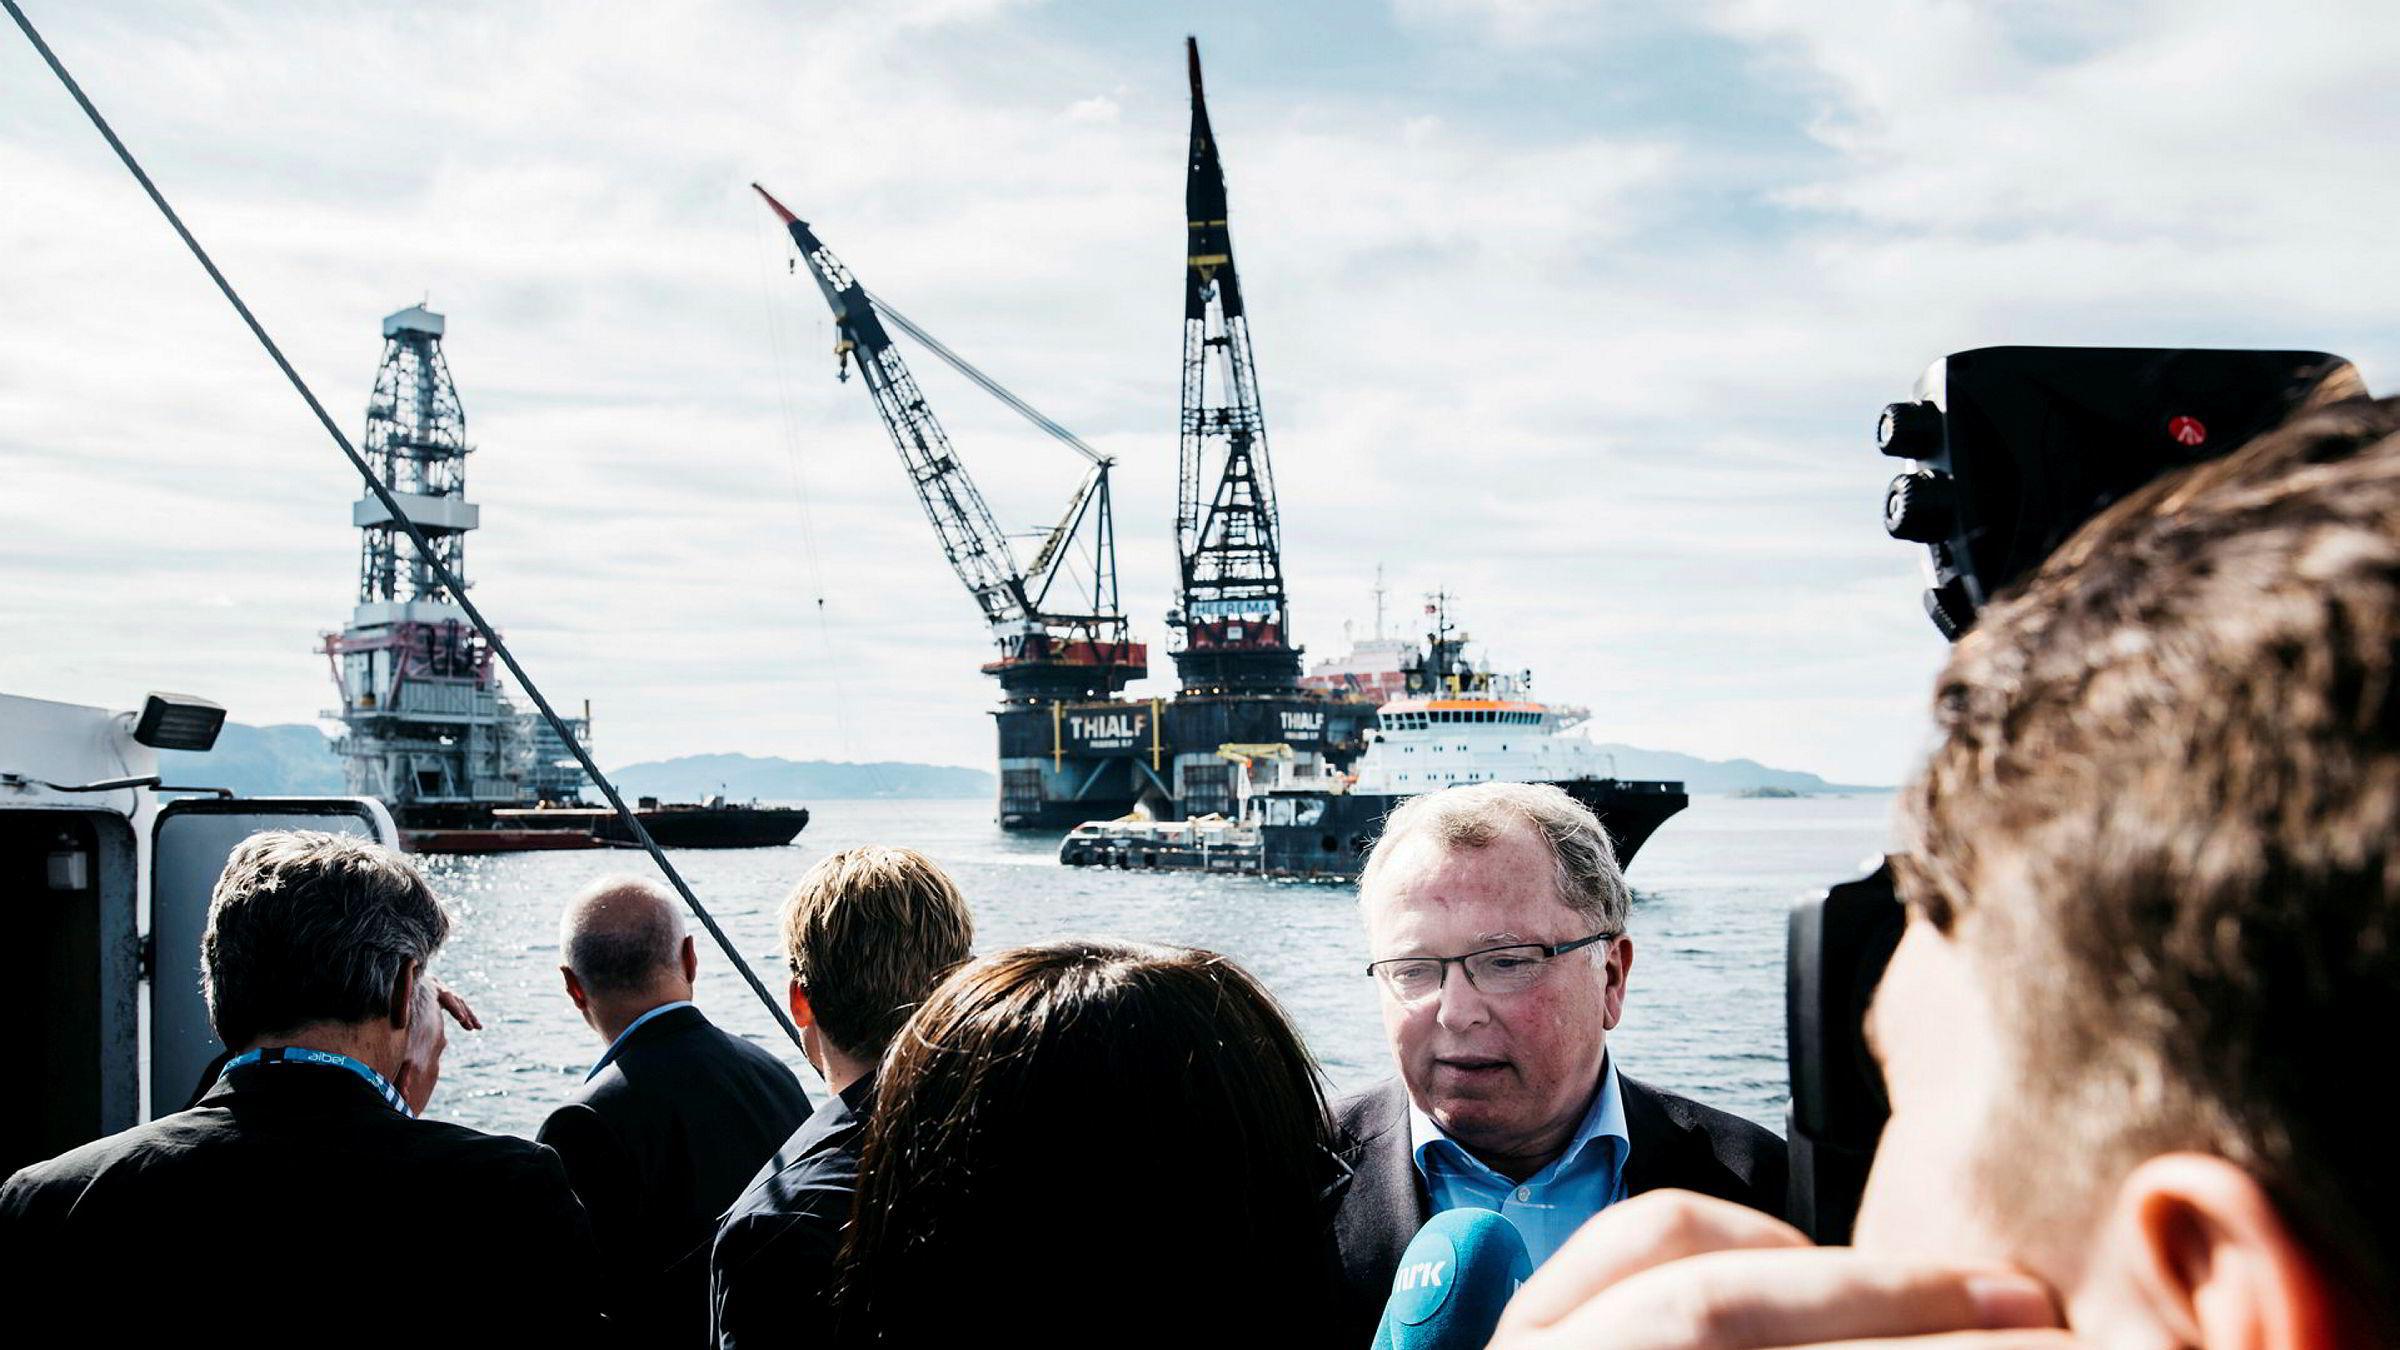 Konsernsjef i Equinor Eldar Sætre og deler av norsk oljeelite var invitert til Stord for å se sammenstillingen av Johan Sverdrup prosjektet. Bildet er tatt i 2017. Foto: Tommy Ellingsen ---